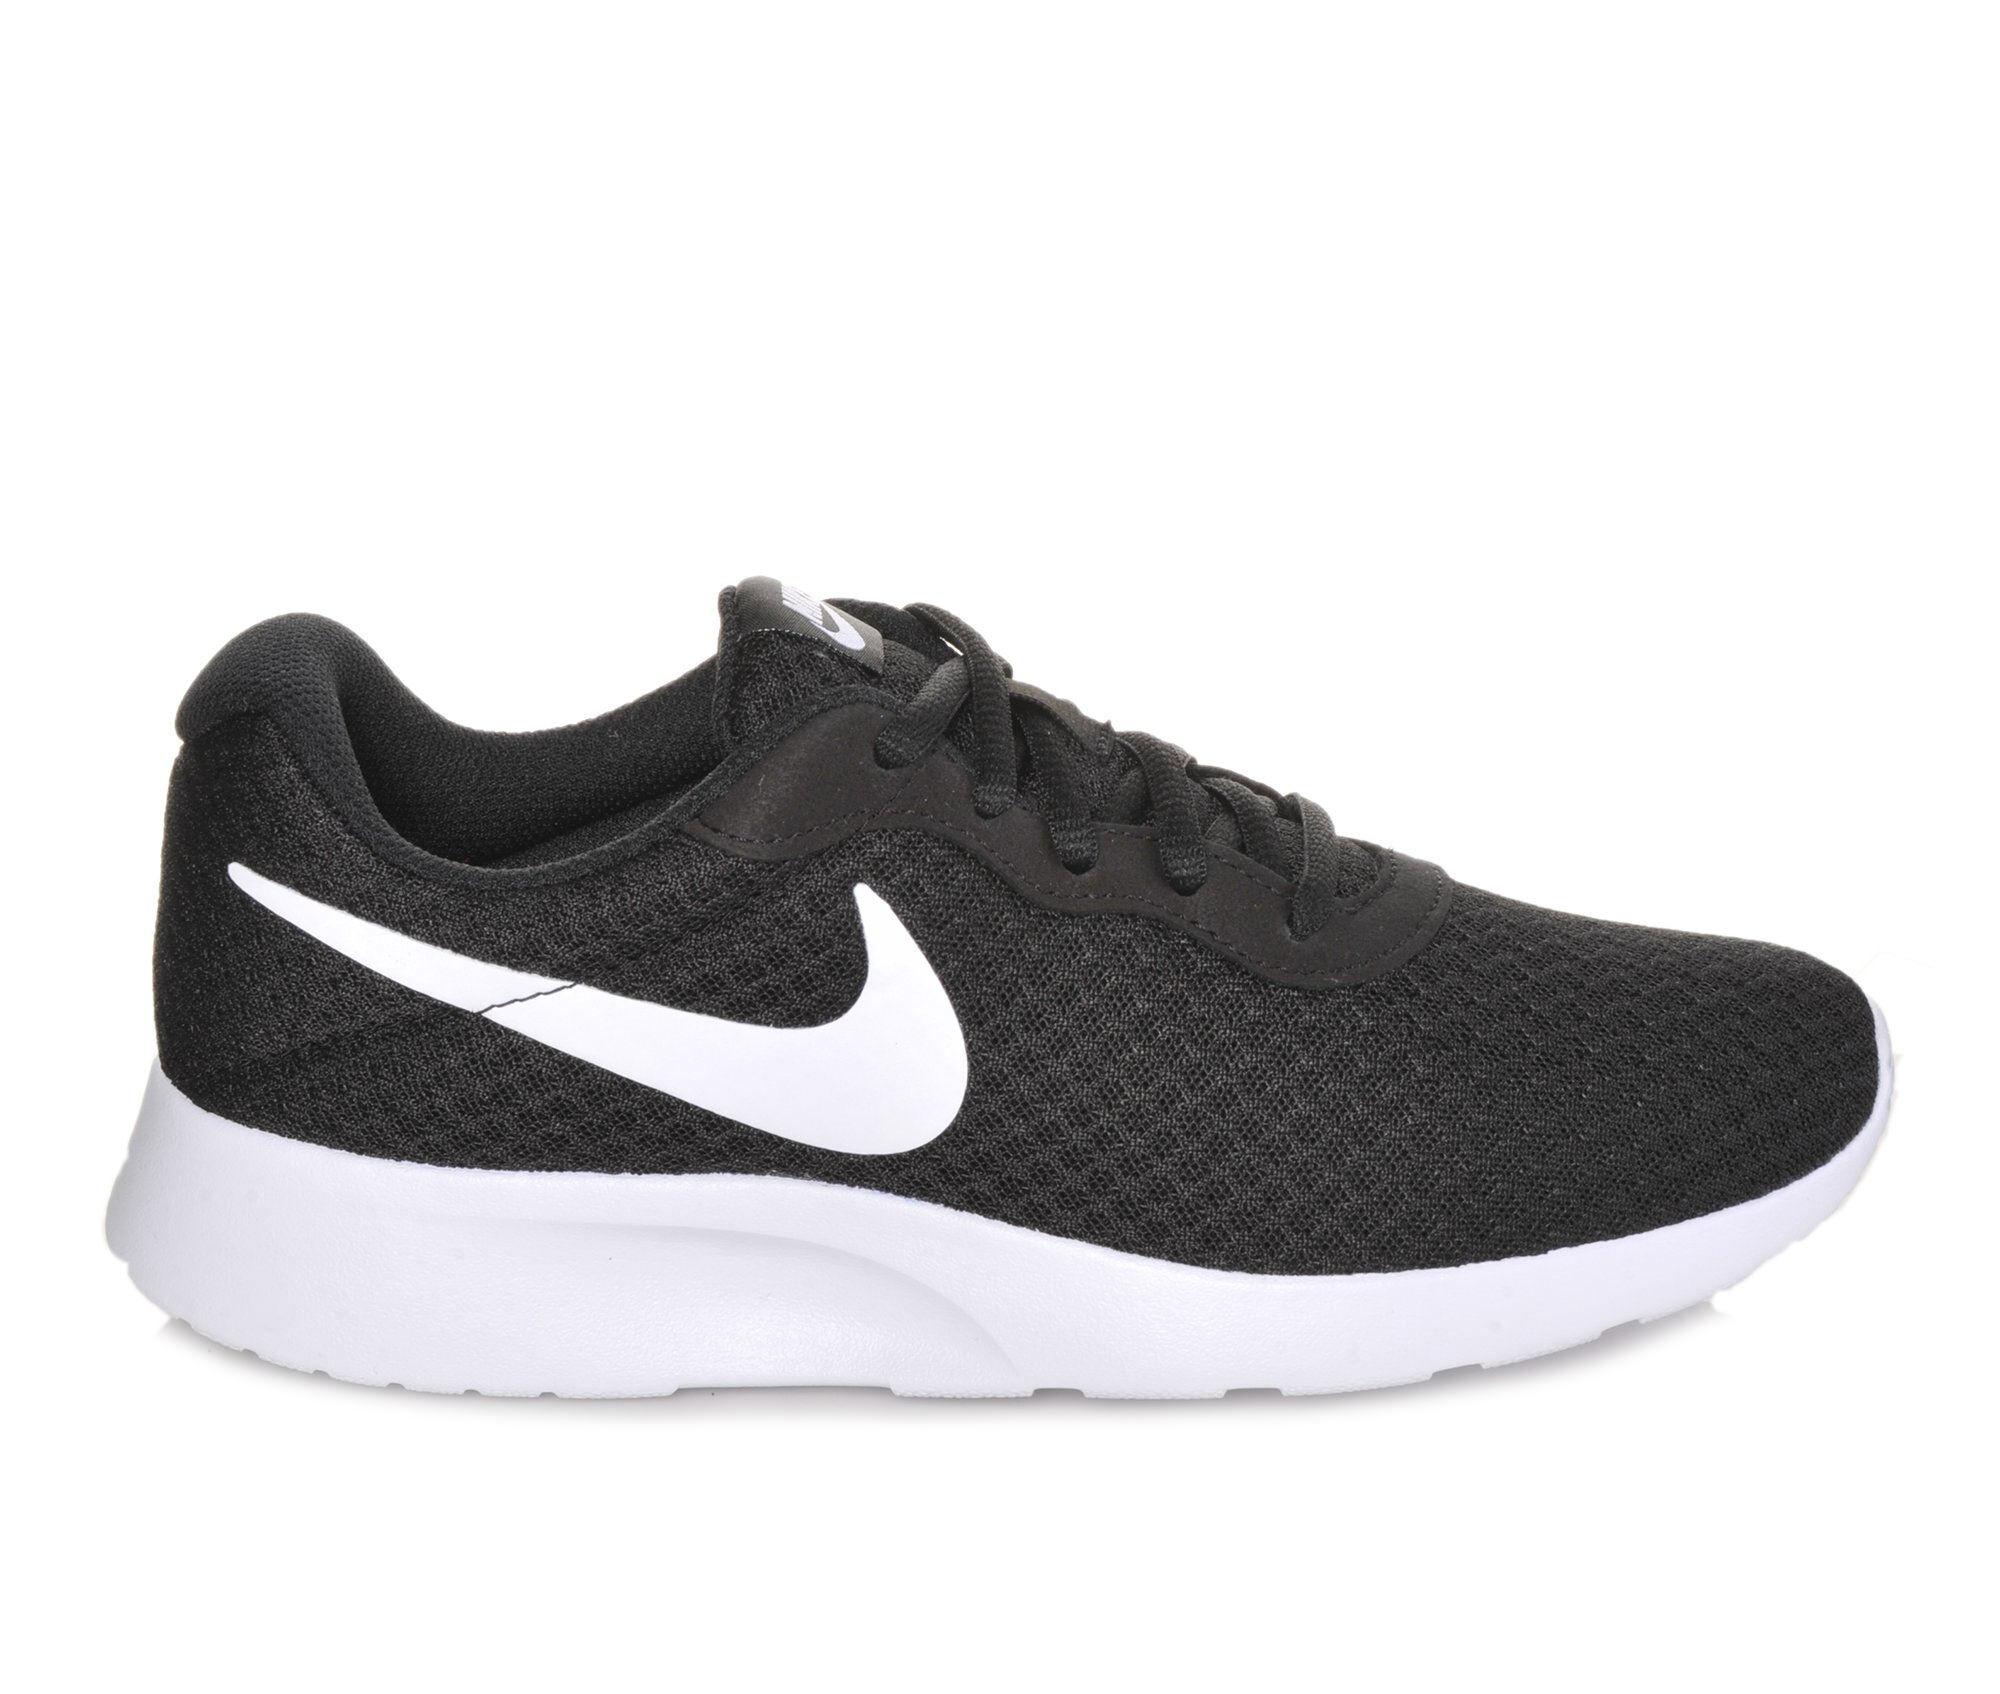 Nike Tanjun Sneakers   Shoe Carnival